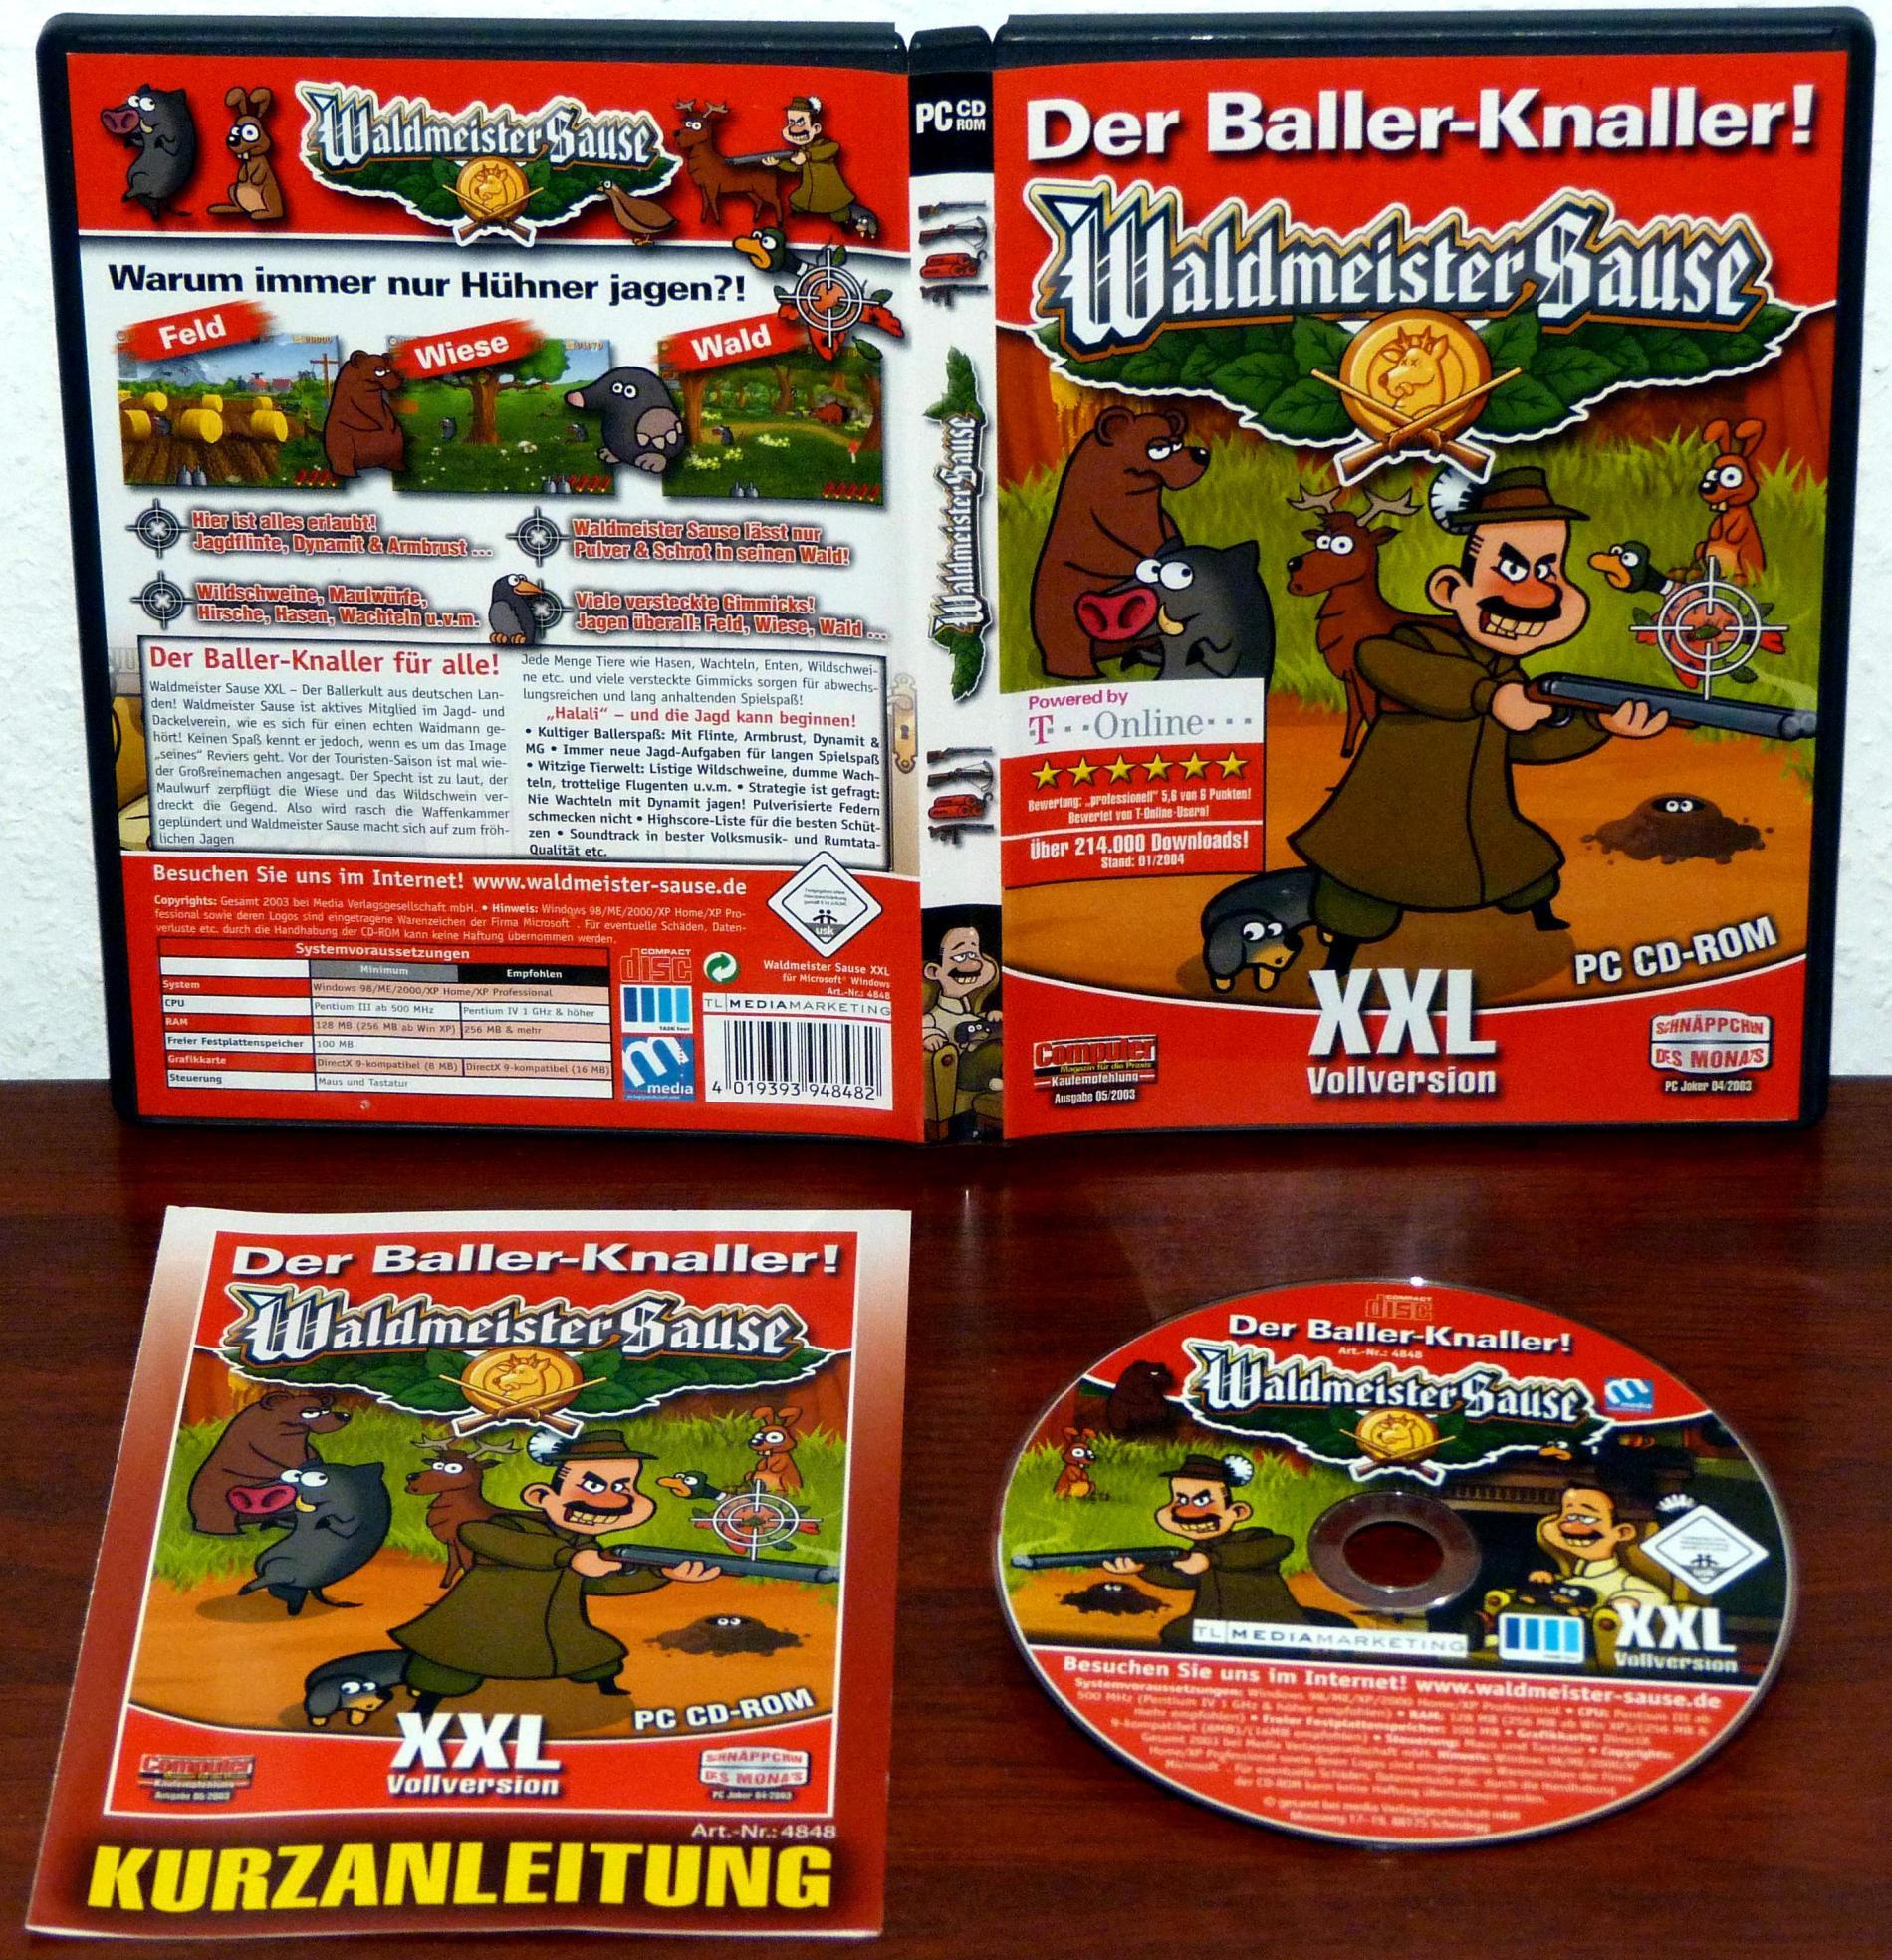 www.baller spiele.de